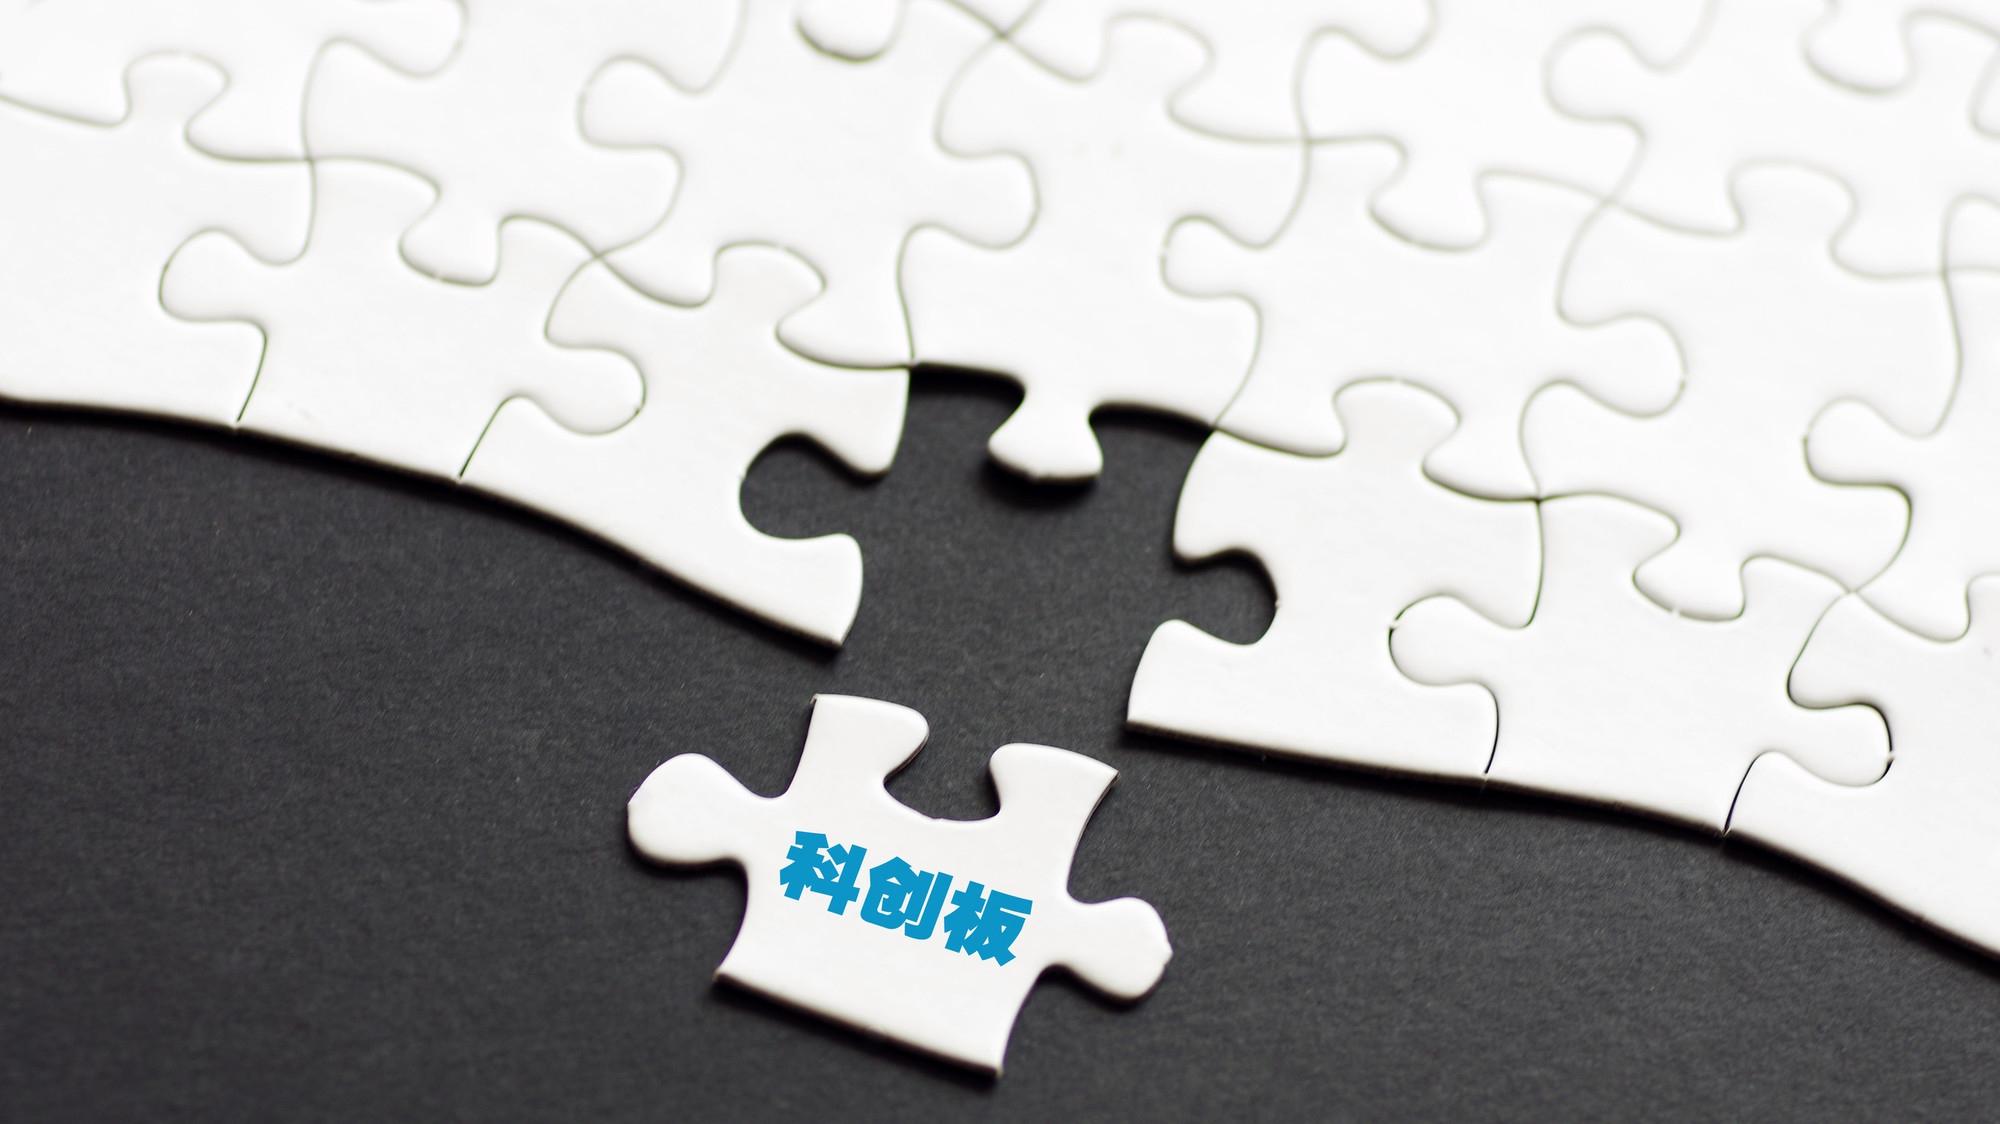 科创板交易制度引争论,科技企业仍观望